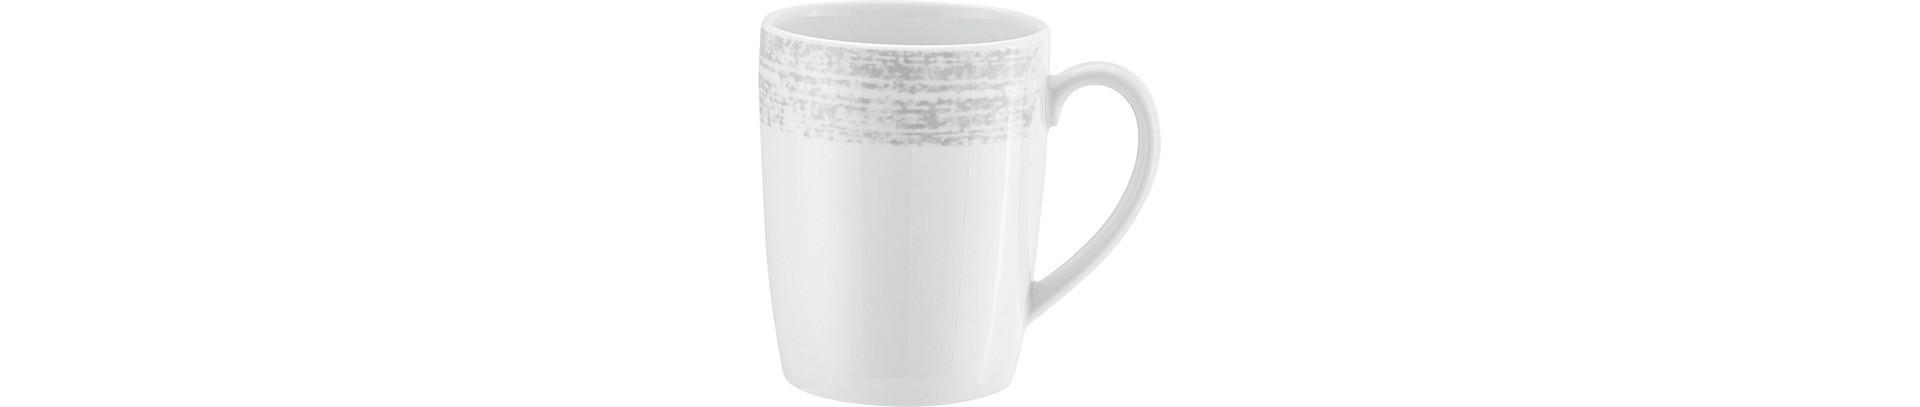 Shabby Chic, Kaffeebecher ø 79 mm / 0,30 l Dekor 1